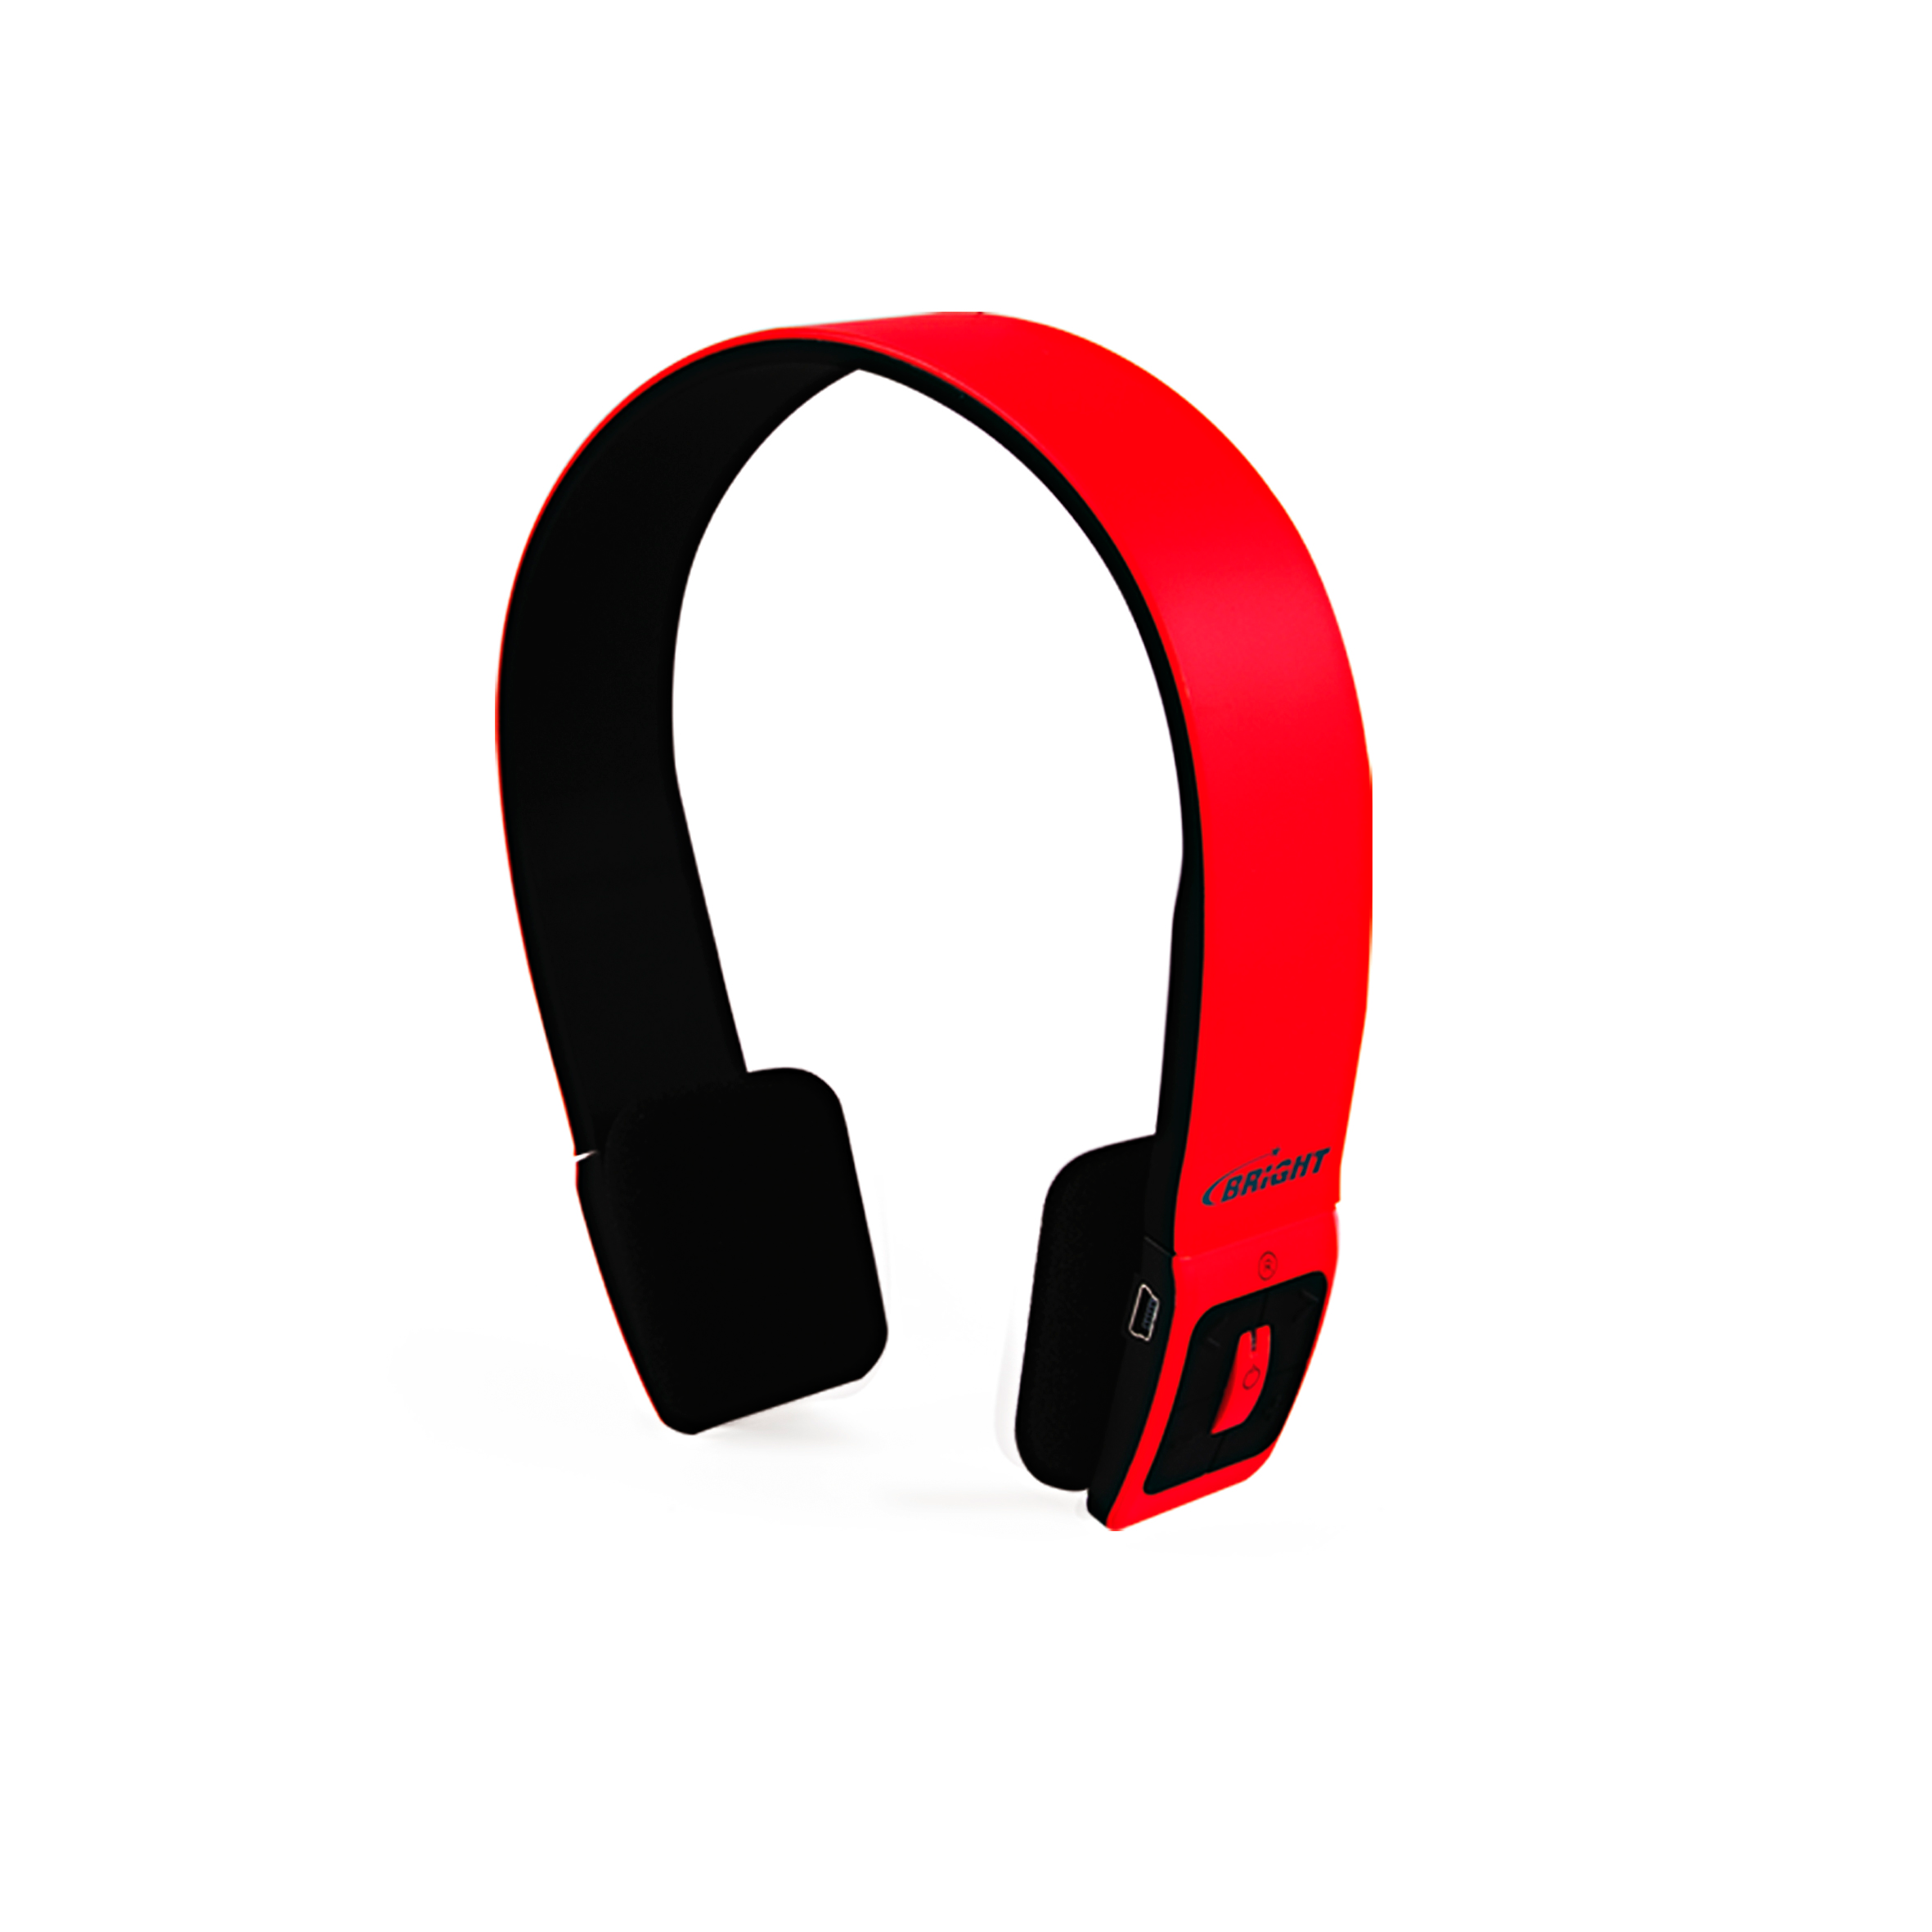 fones de ouvido bluetooth bright 0361